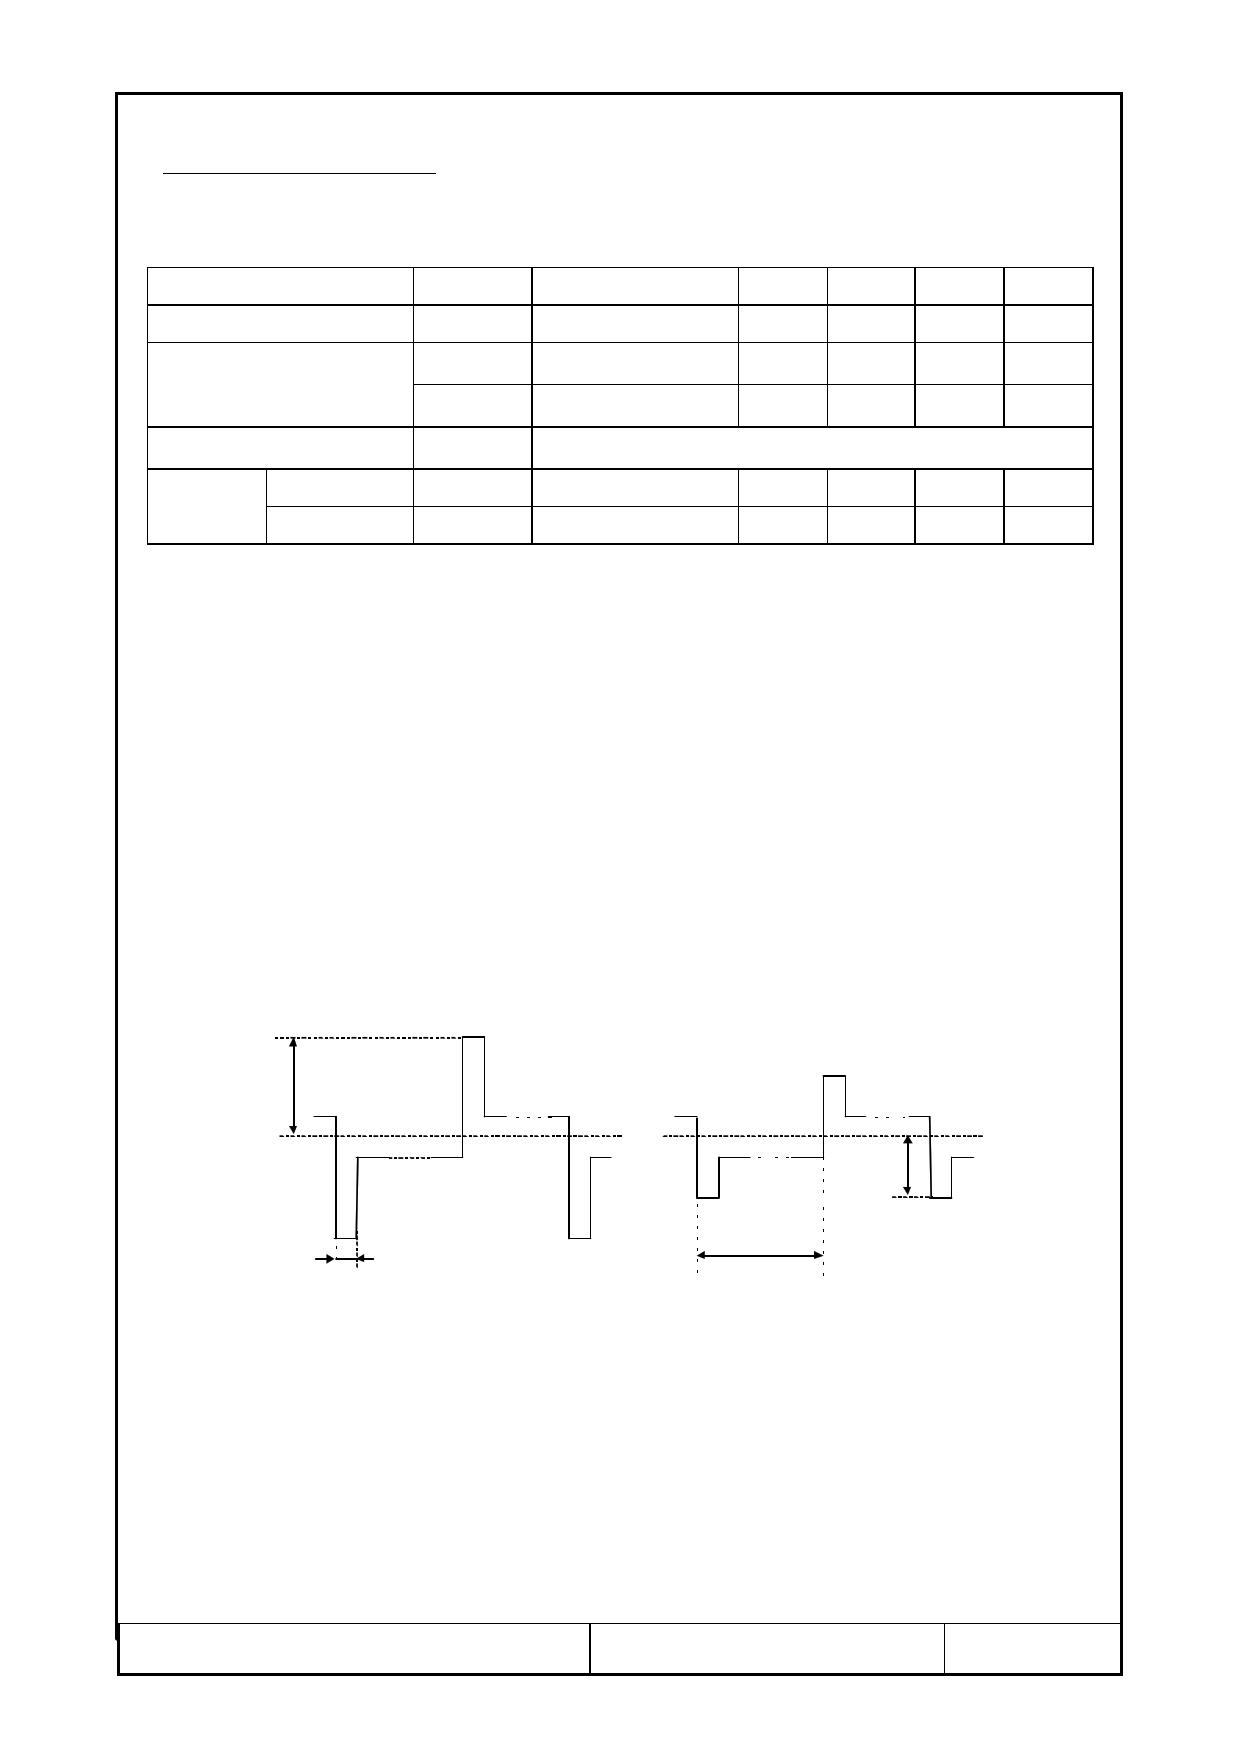 F-51900NCU-FW-AC arduino